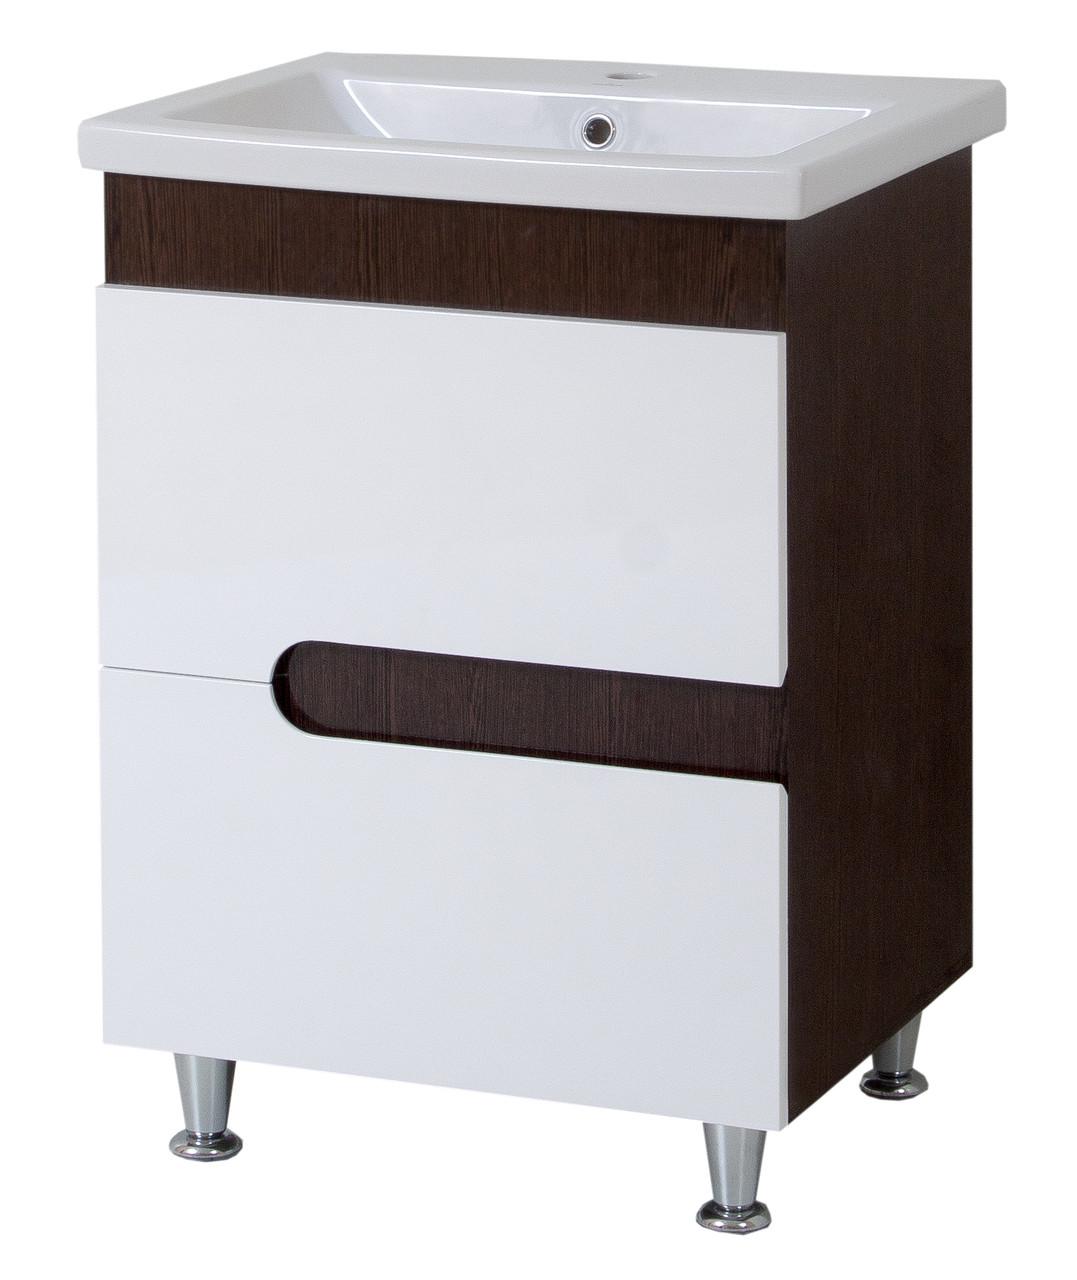 Тумба под раковину для ванной комнаты Симпл-Венге 70-30 (бока венге, вставка венге) с умывальником Комо 70 ПИК